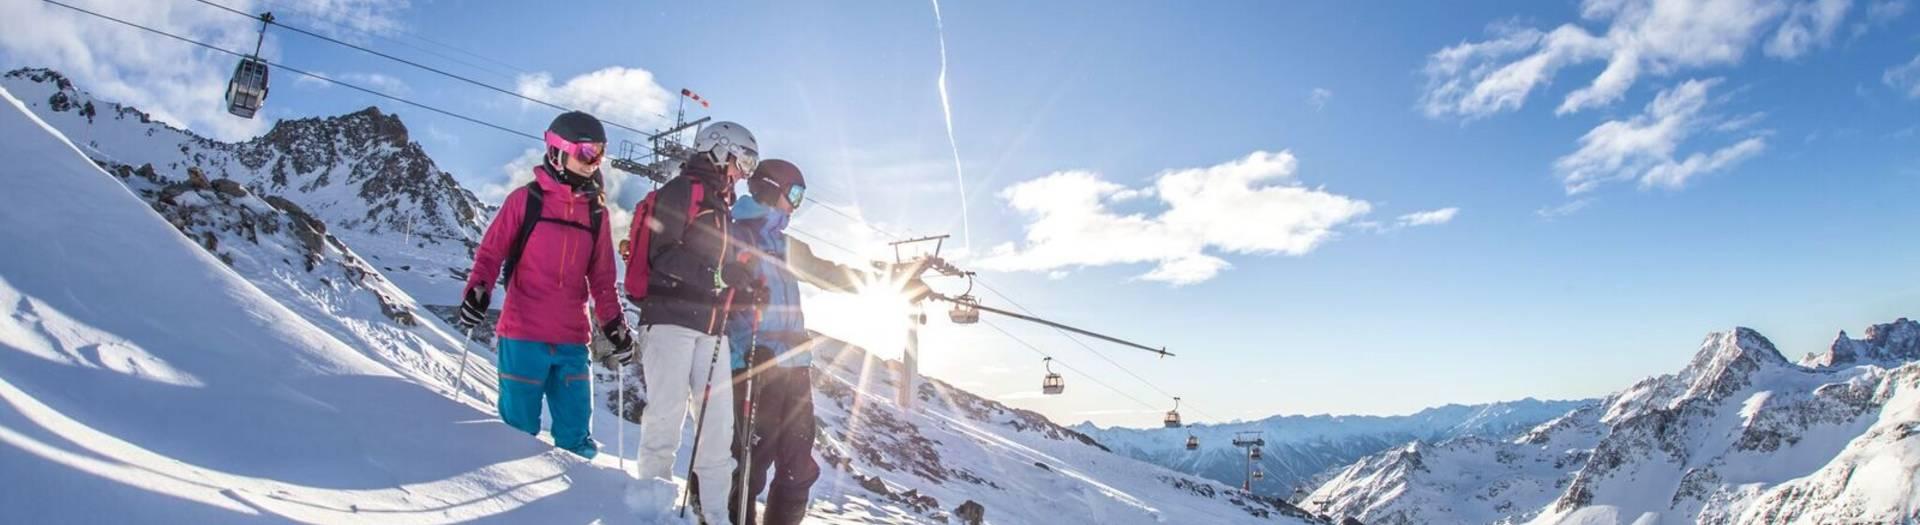 Skigenuss am Mölltaler Gletscher